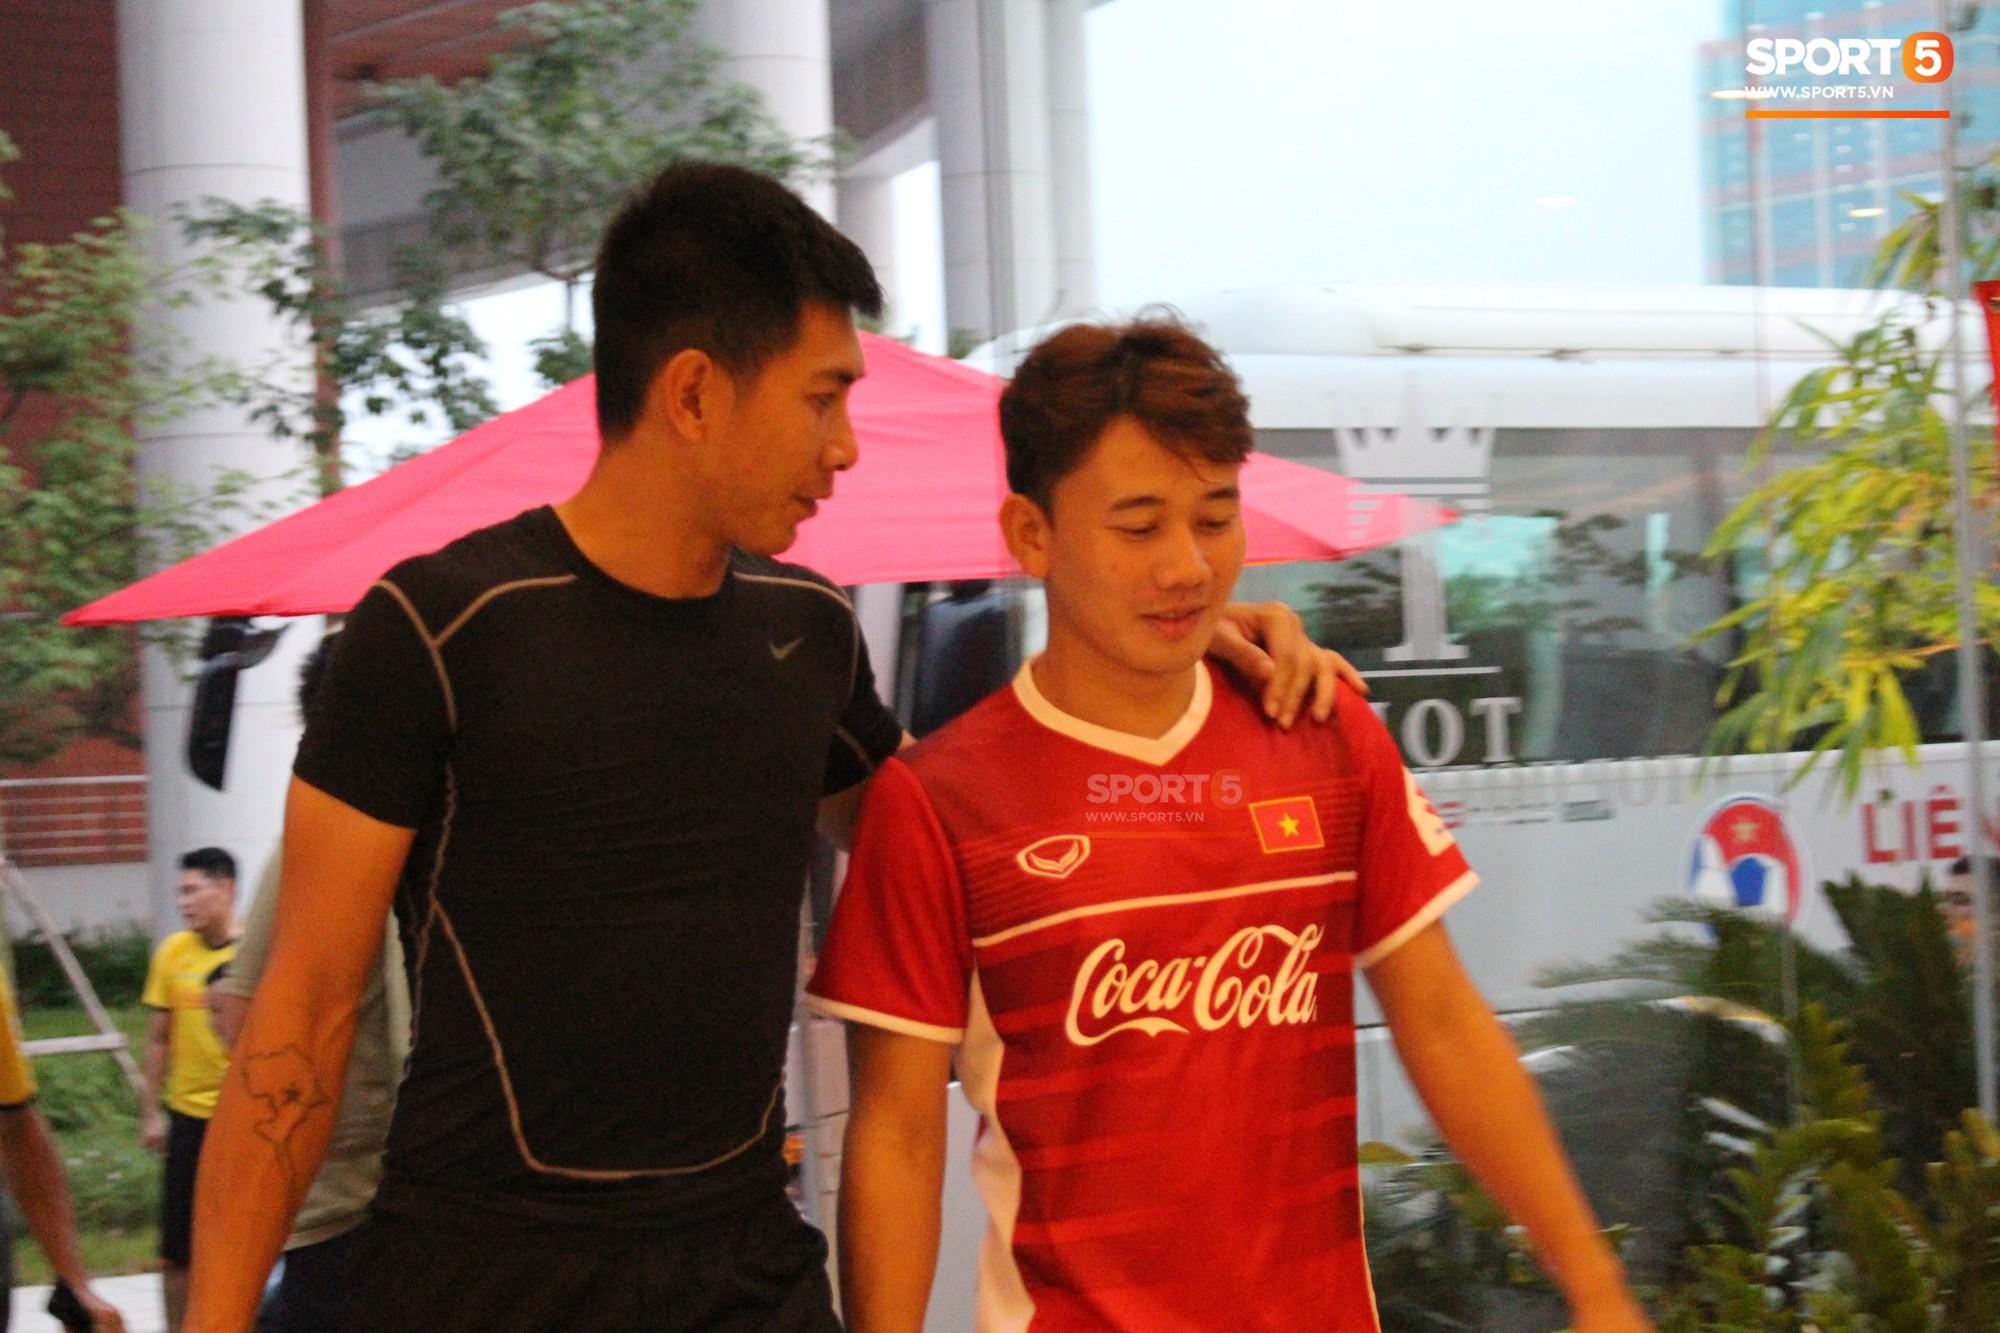 Hà Đức Chinh kêu trời vì đau bụng sau buổi tập đầu tiên cùng đội tuyển Việt Nam chuẩn bị cho AFF Cup 2018-9